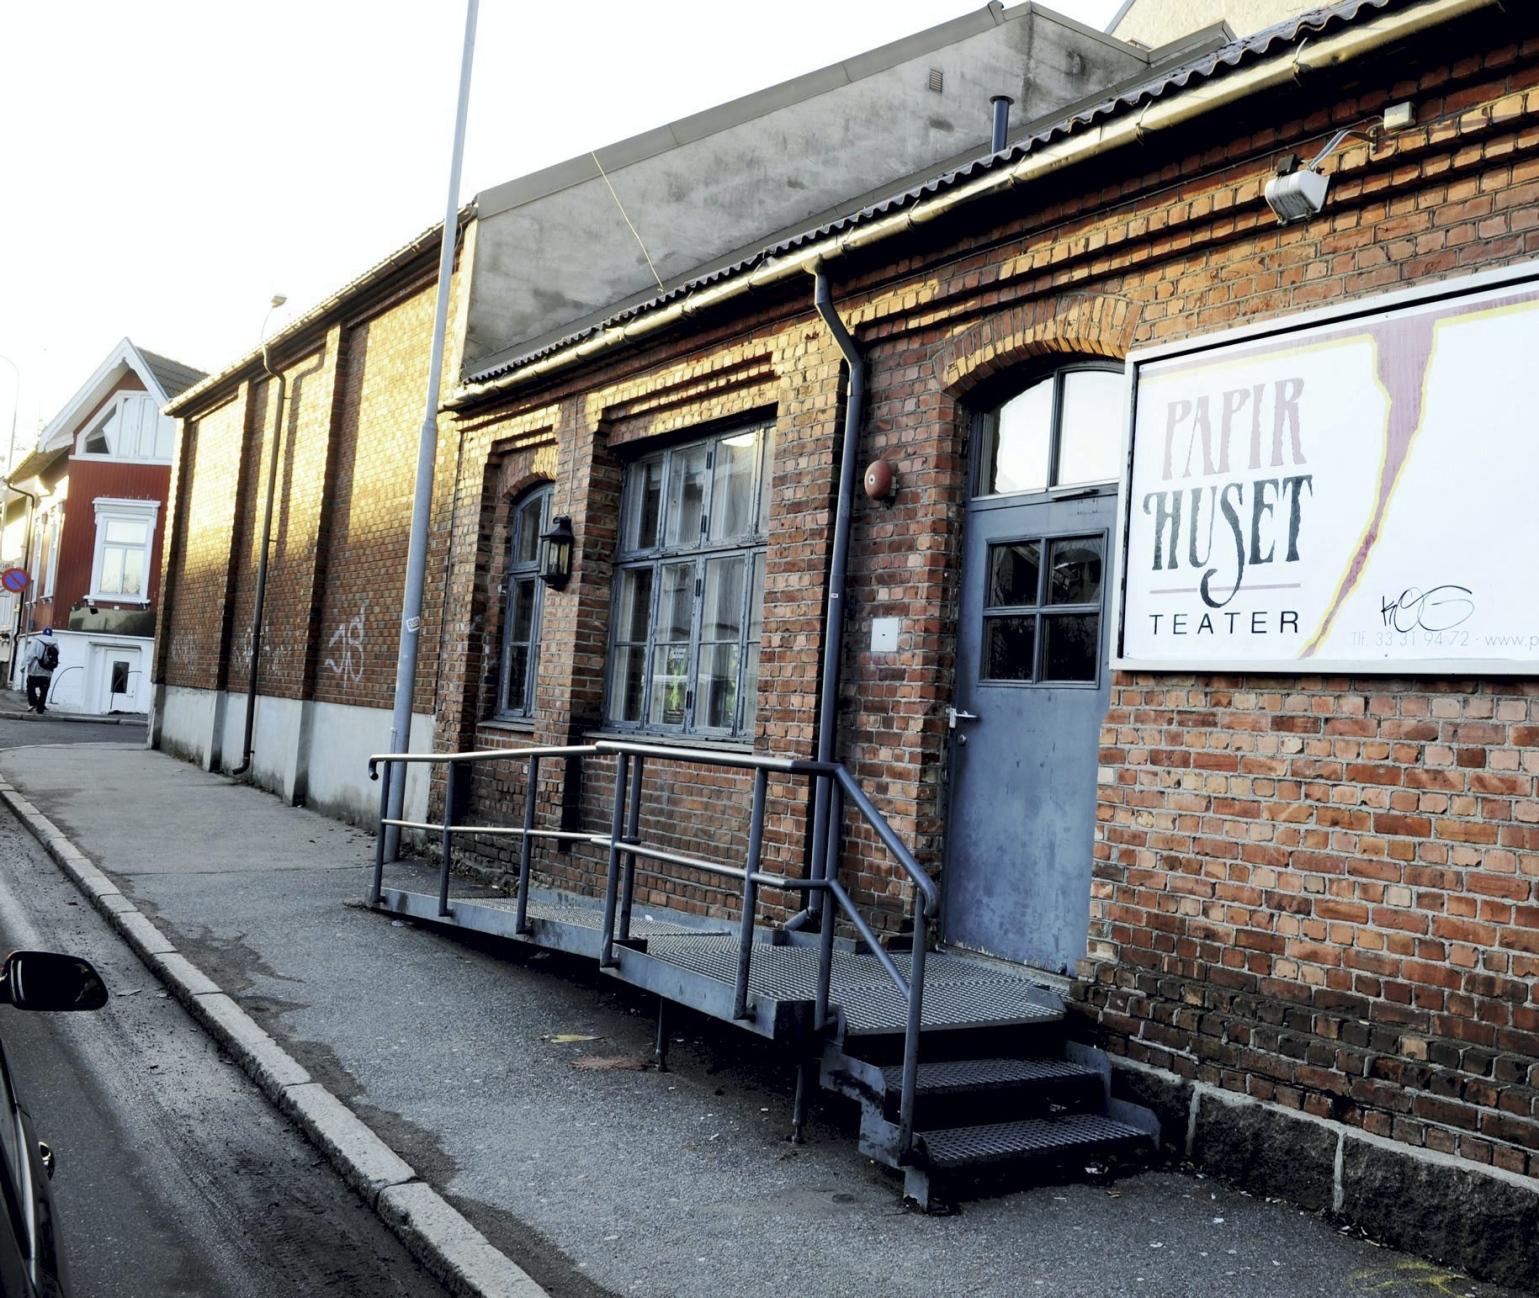 Papirhuset teater: